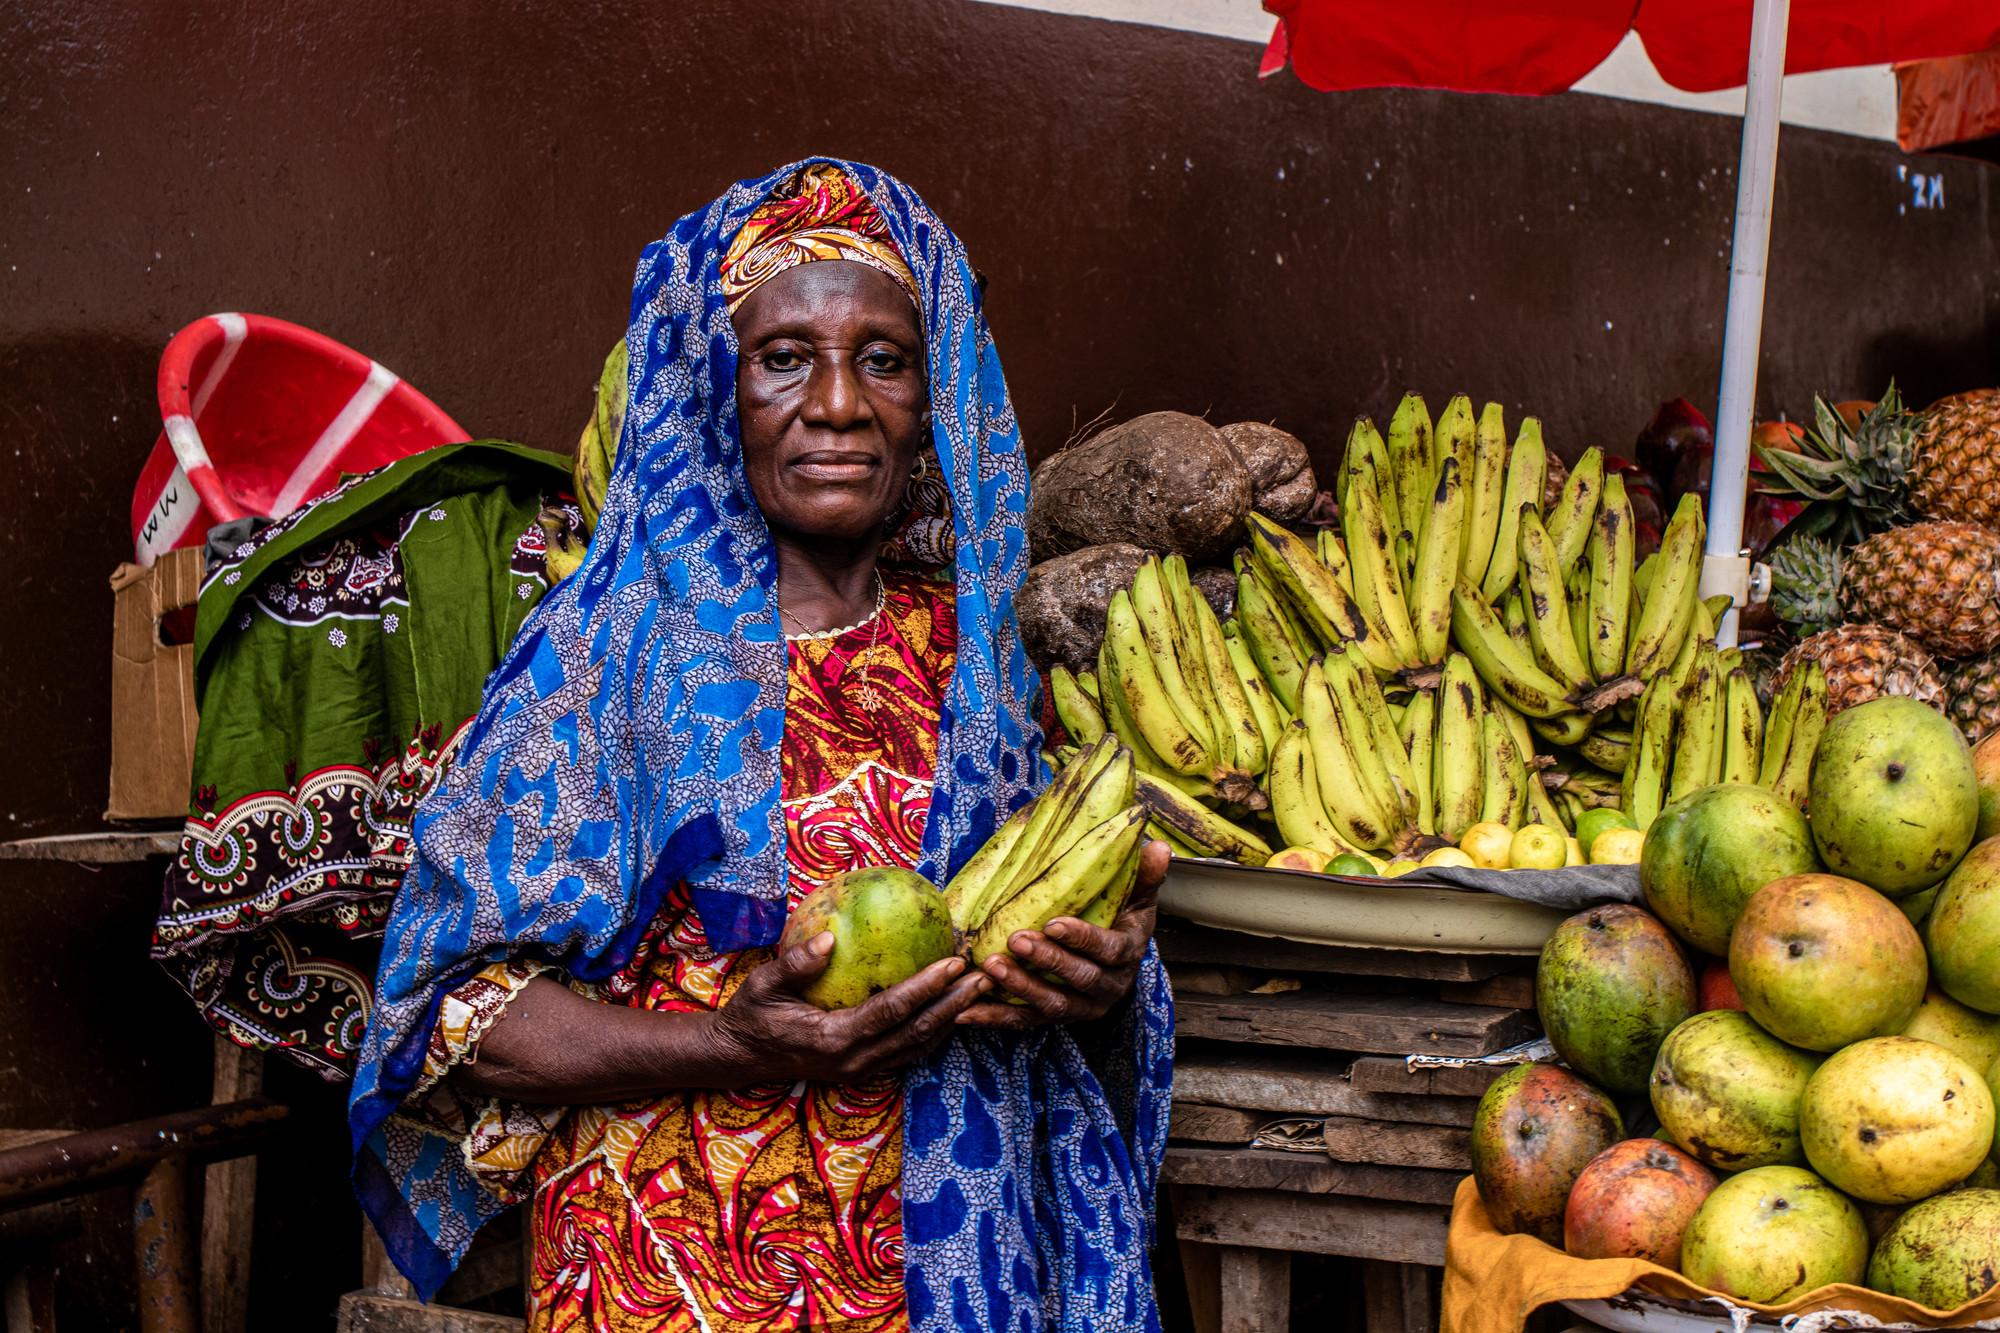 Una mujer en un puesto de frutas sostiene plátanos y otras frutas.